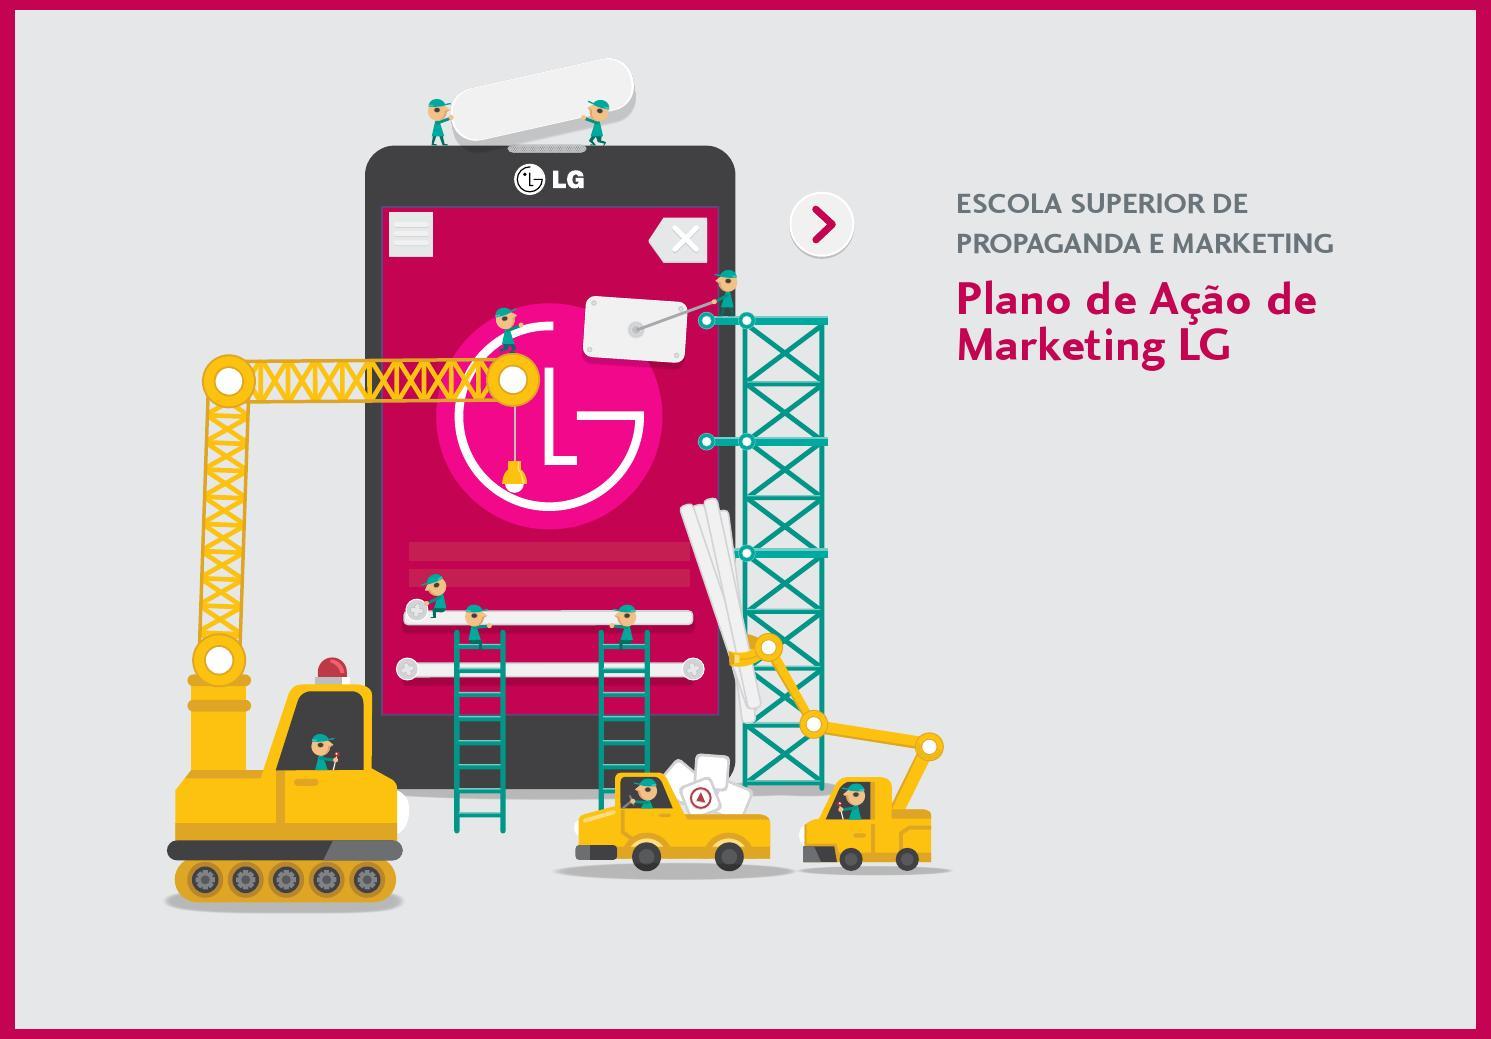 d26063ae06b Plano de ação Marketing LG by Fernando Macedo - issuu